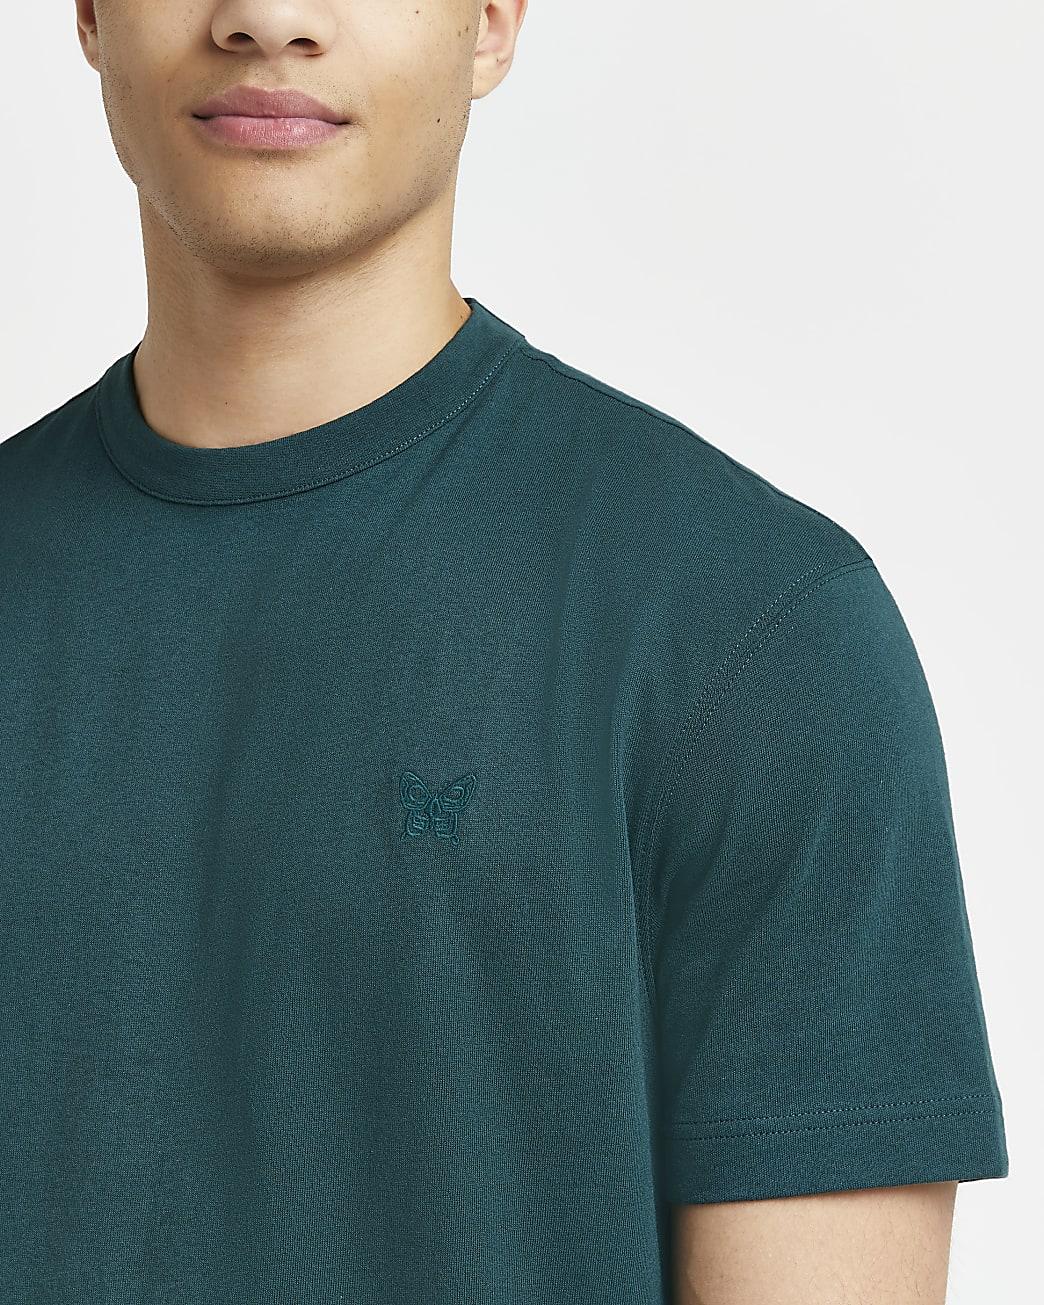 Green regular fit t-shirt